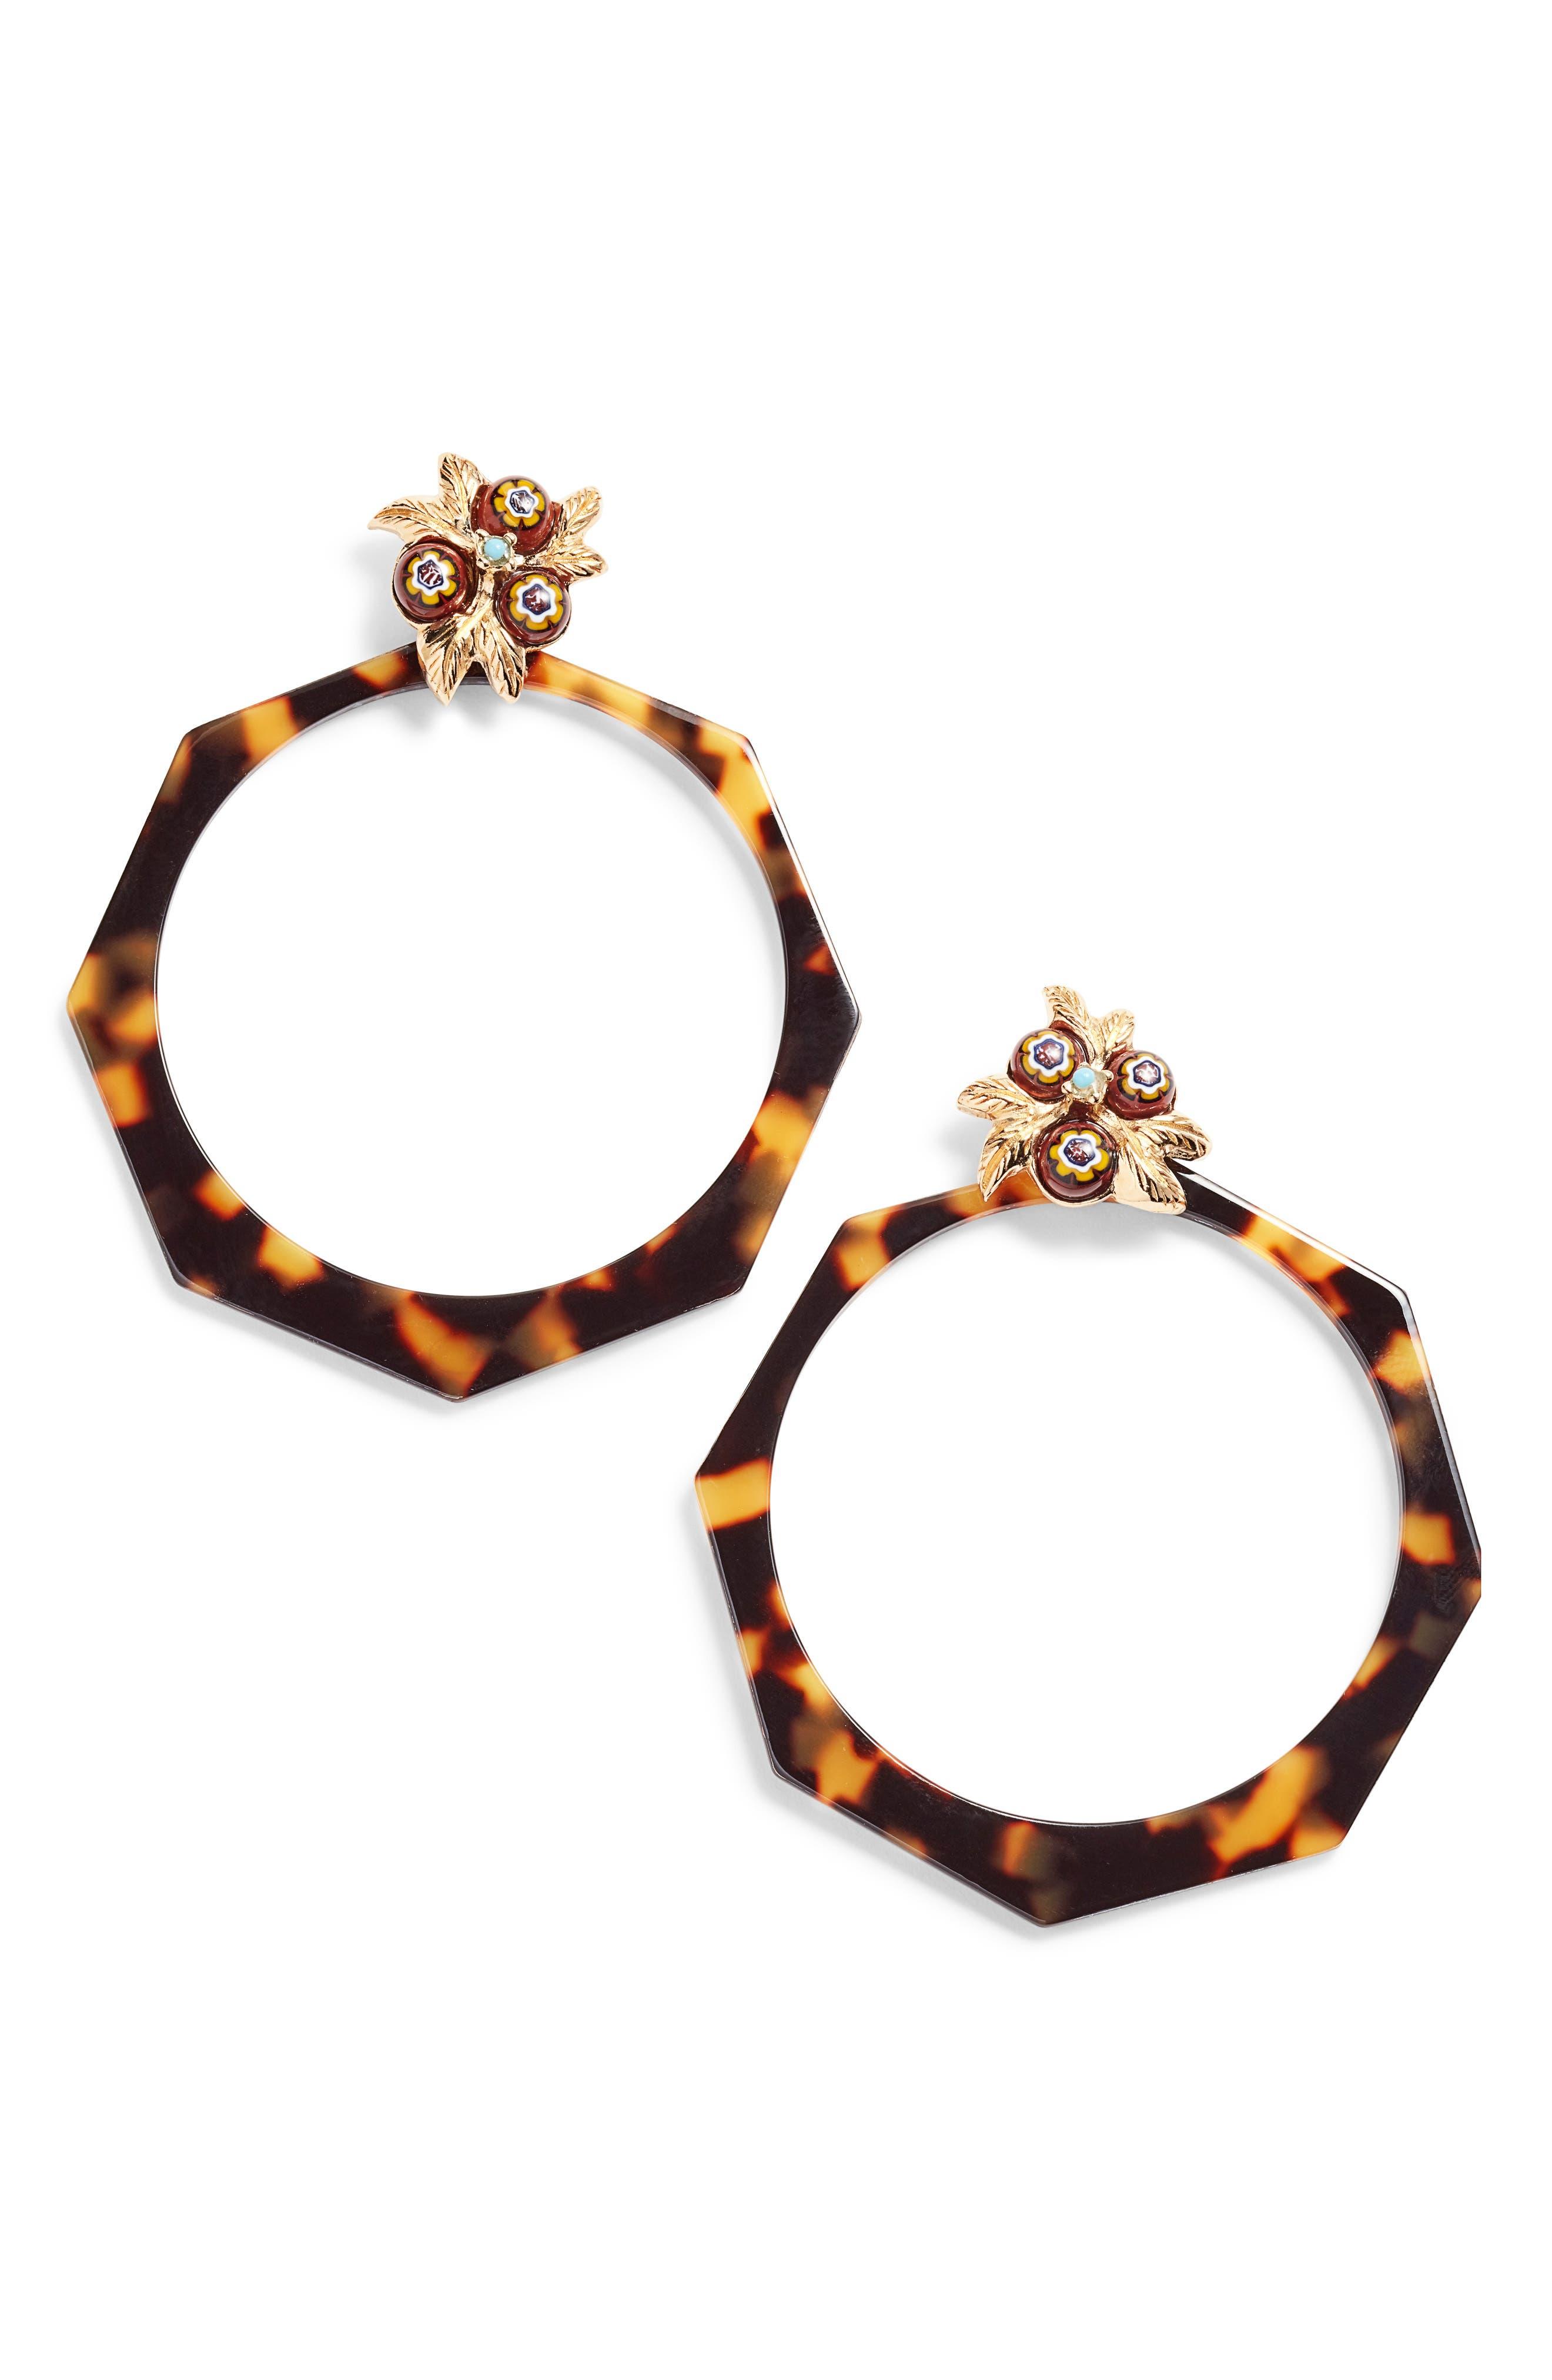 Octavia Tortiseshell Drop Hoop Earrings,                             Main thumbnail 1, color,                             200